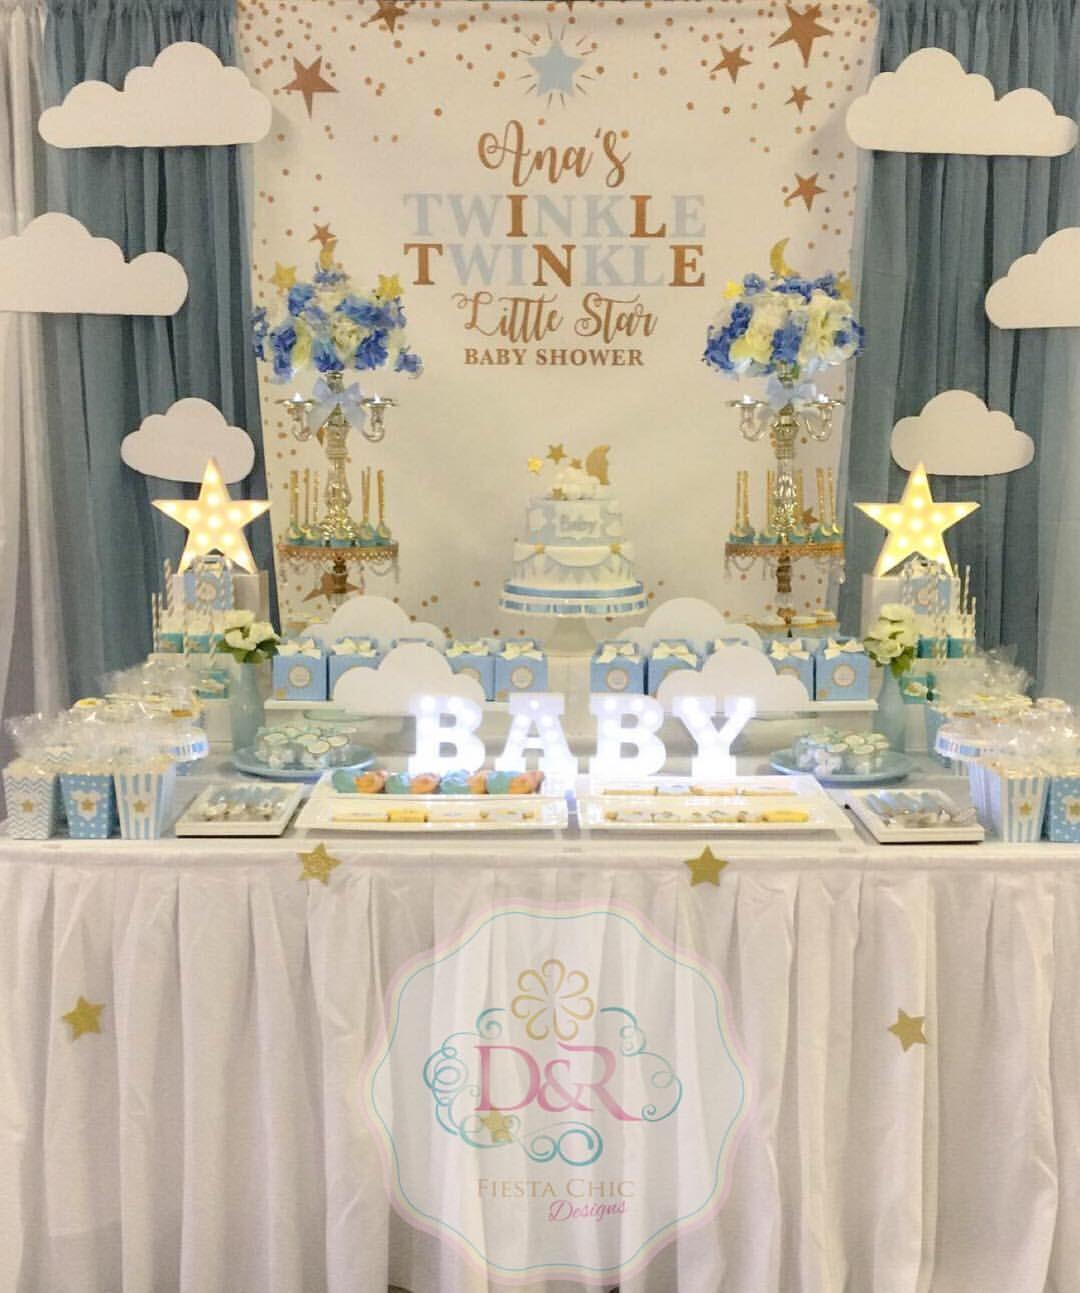 Twinkle Twinkle Little Star Baby Shower Ideas Twinkle Twinkle Little